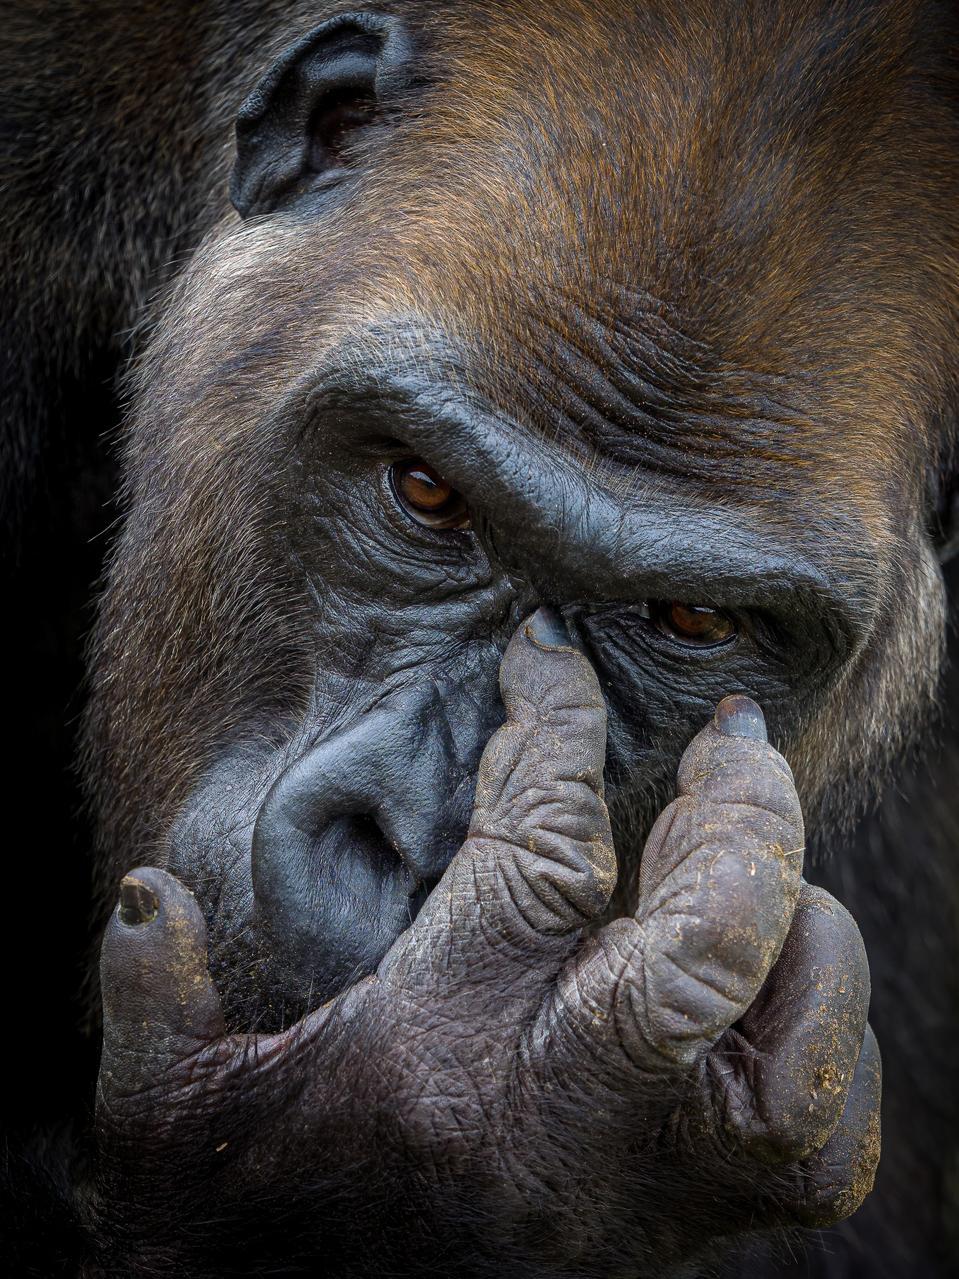 Portrait of Kangu a western lowland gorilla.